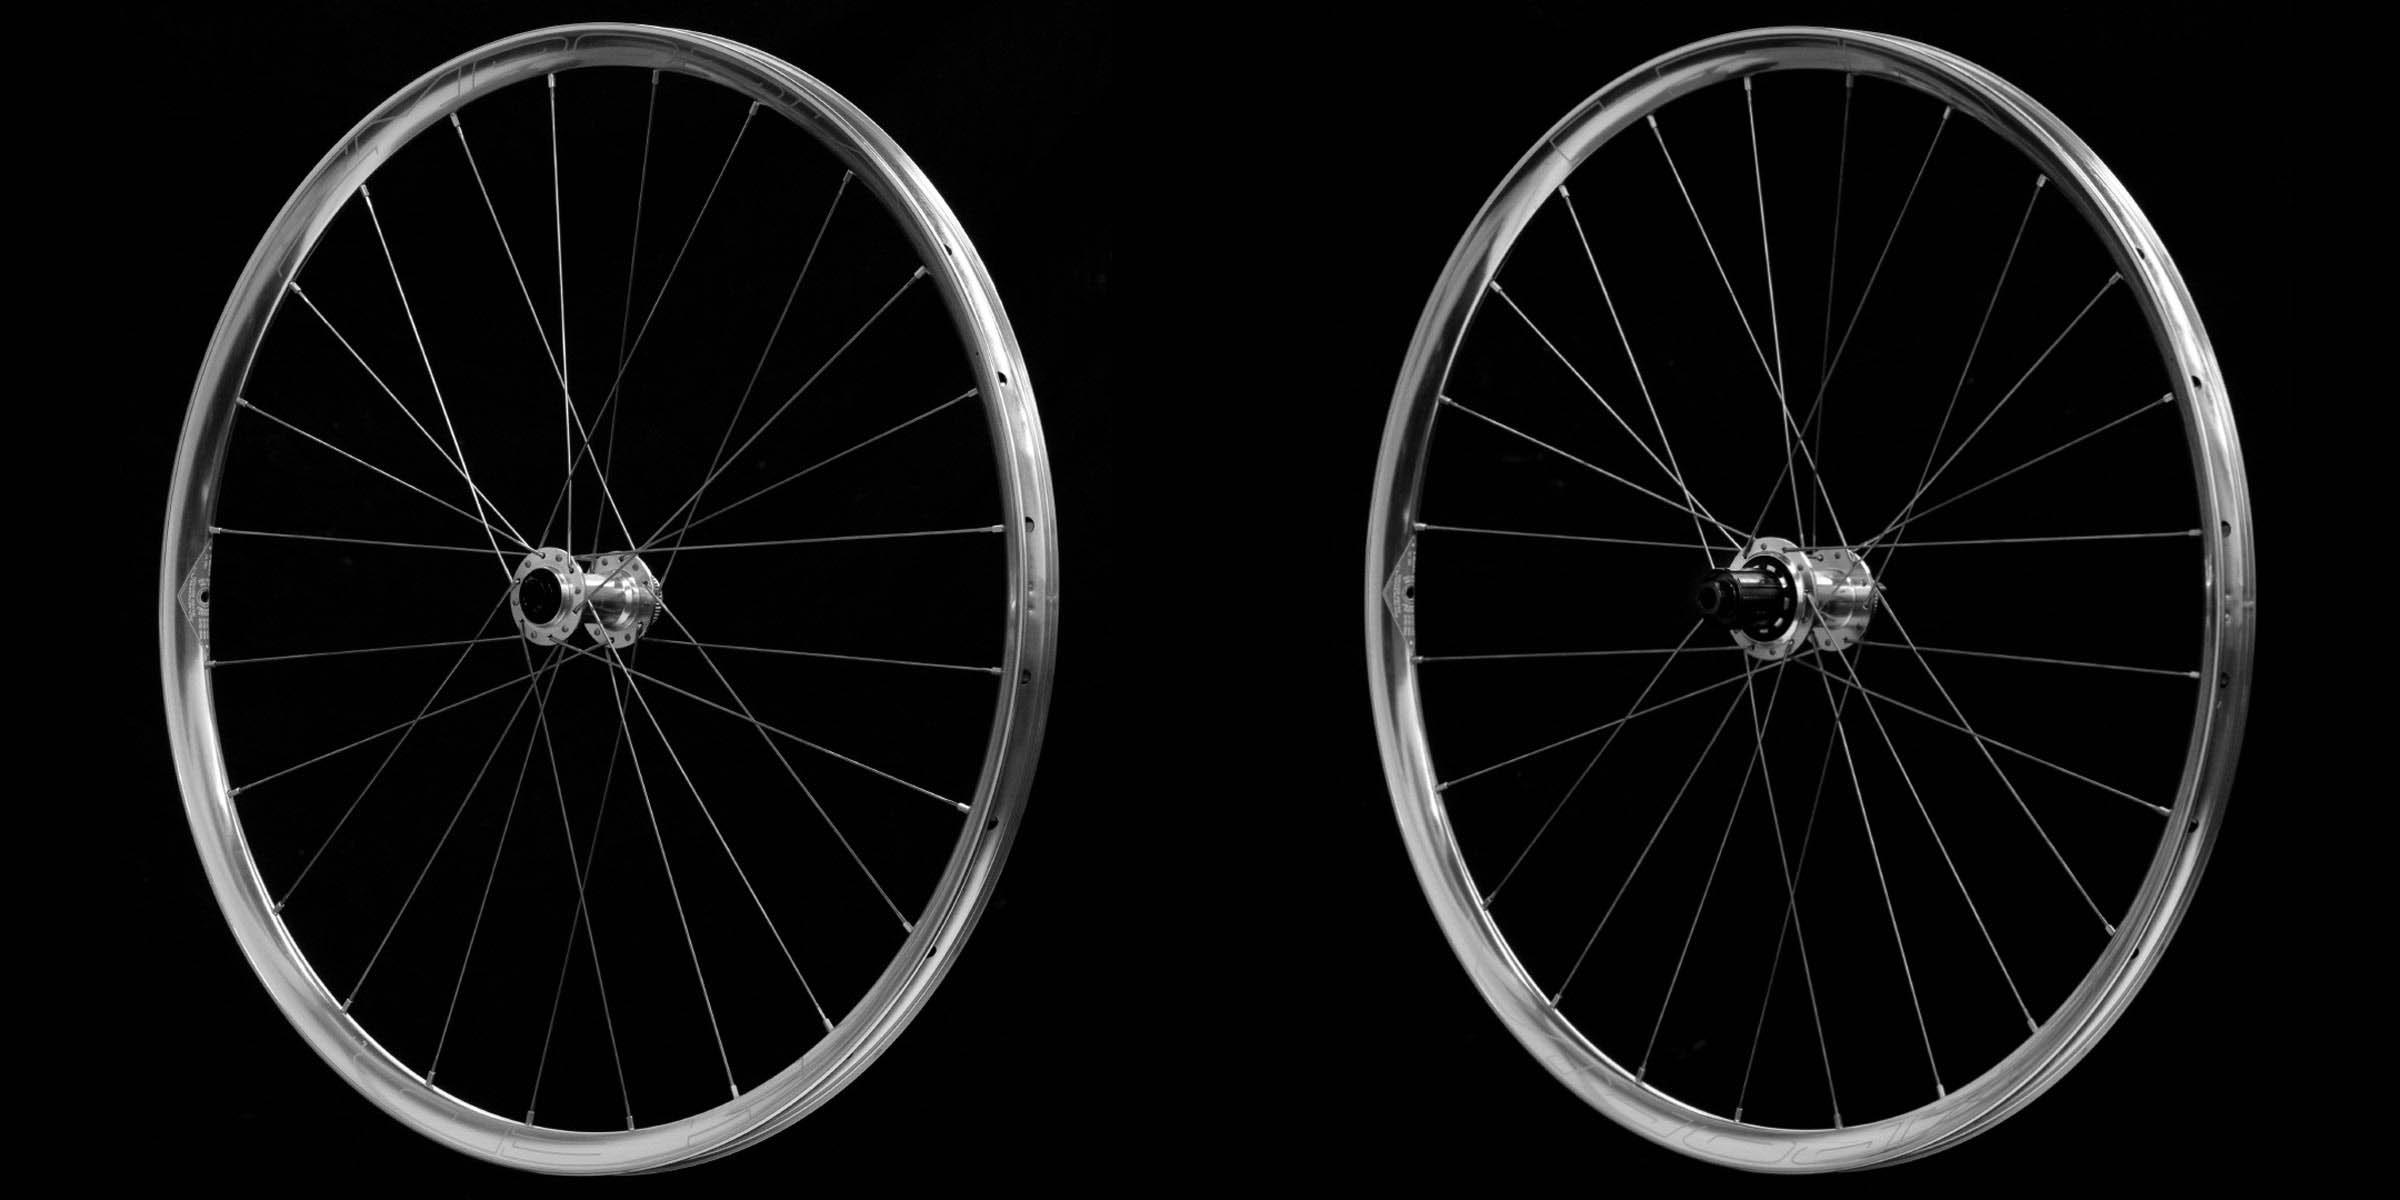 HED poliert die Emporia GA Pro Silver Edition für einen glänzenden Leichtmetall-Kiesradsatz